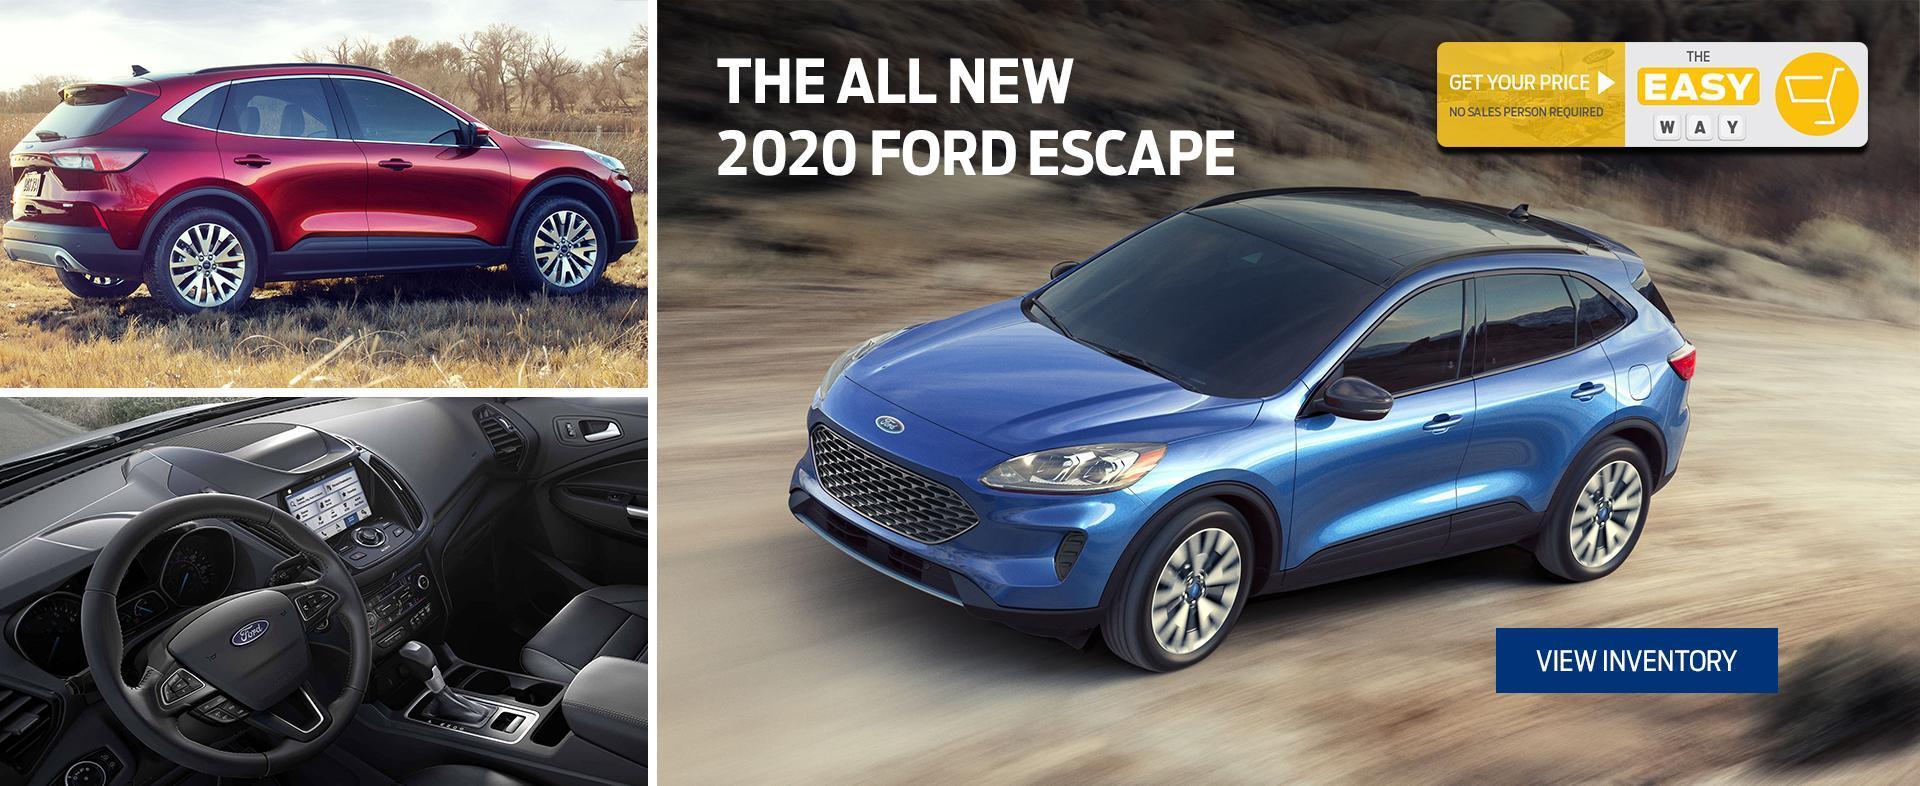 2020 Escape image